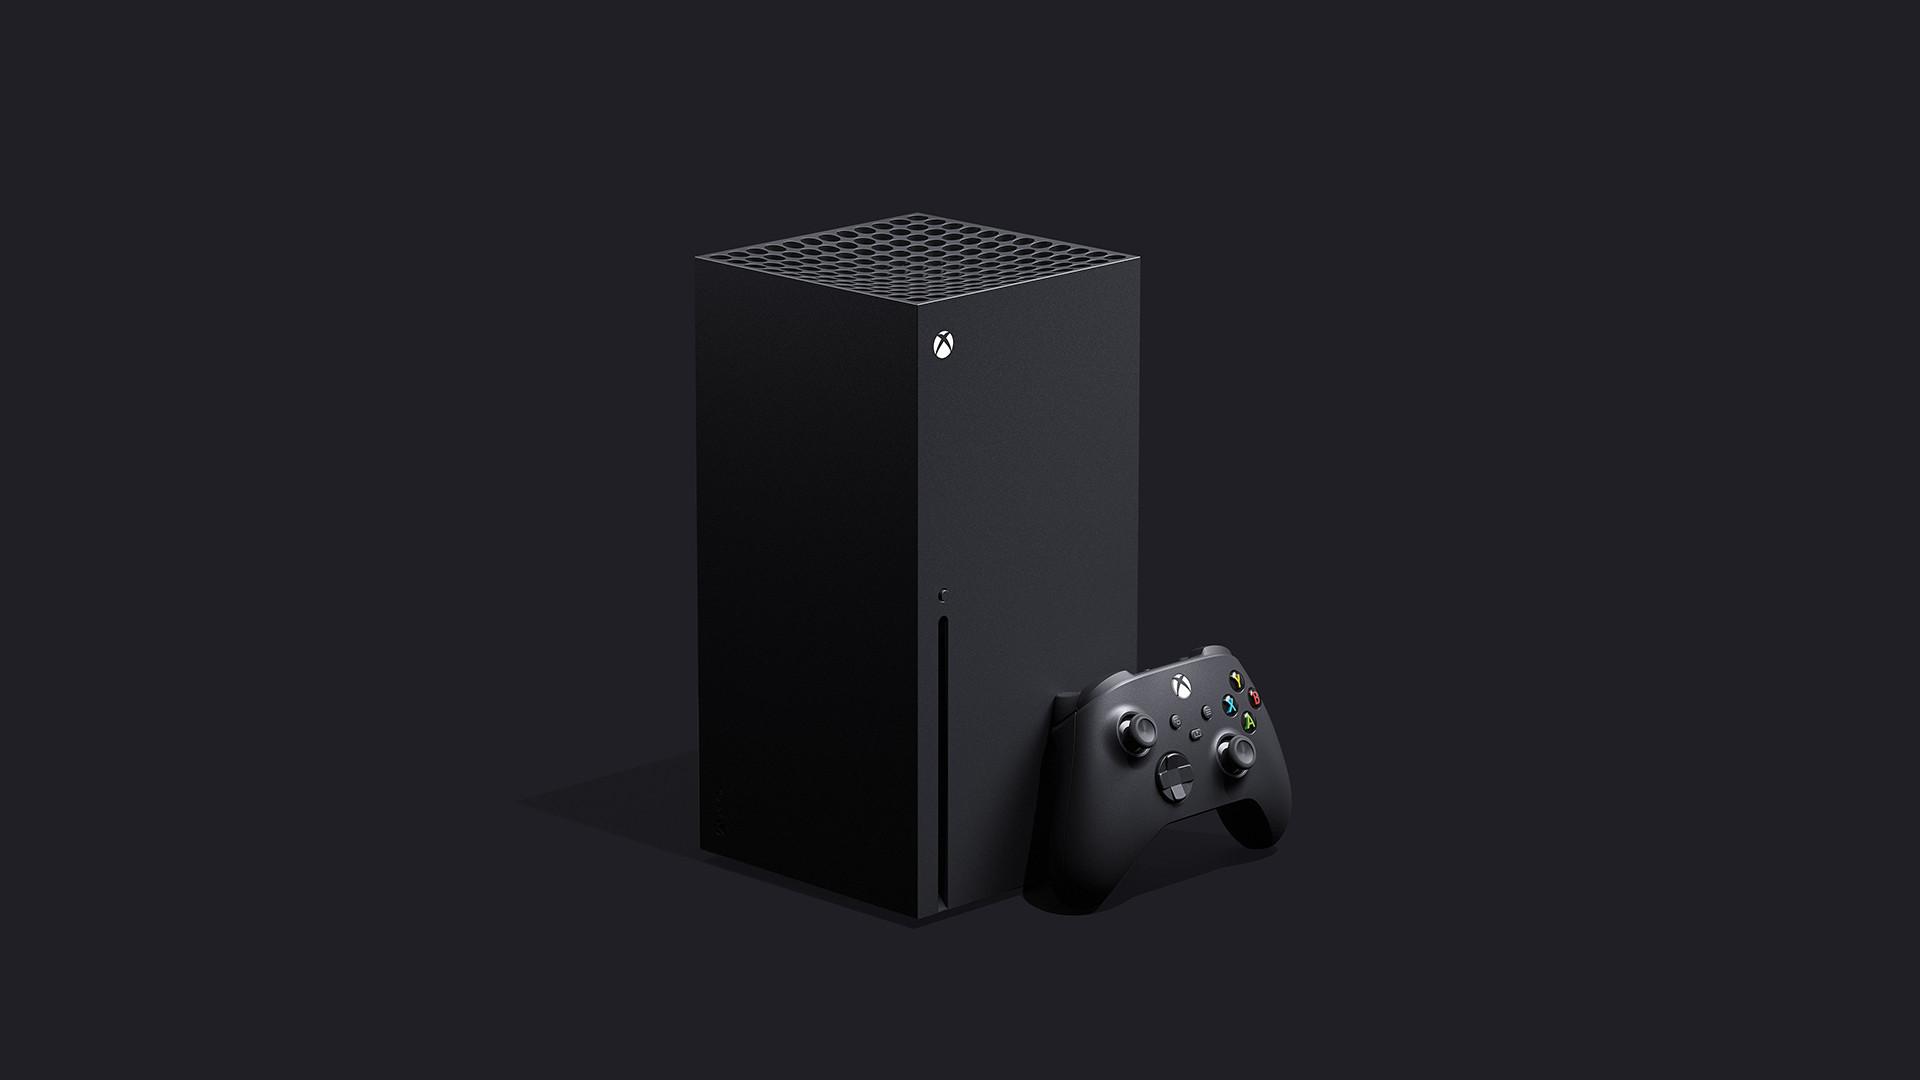 Хакерша украла у AMD исходный код видеокарты Xbox Series X